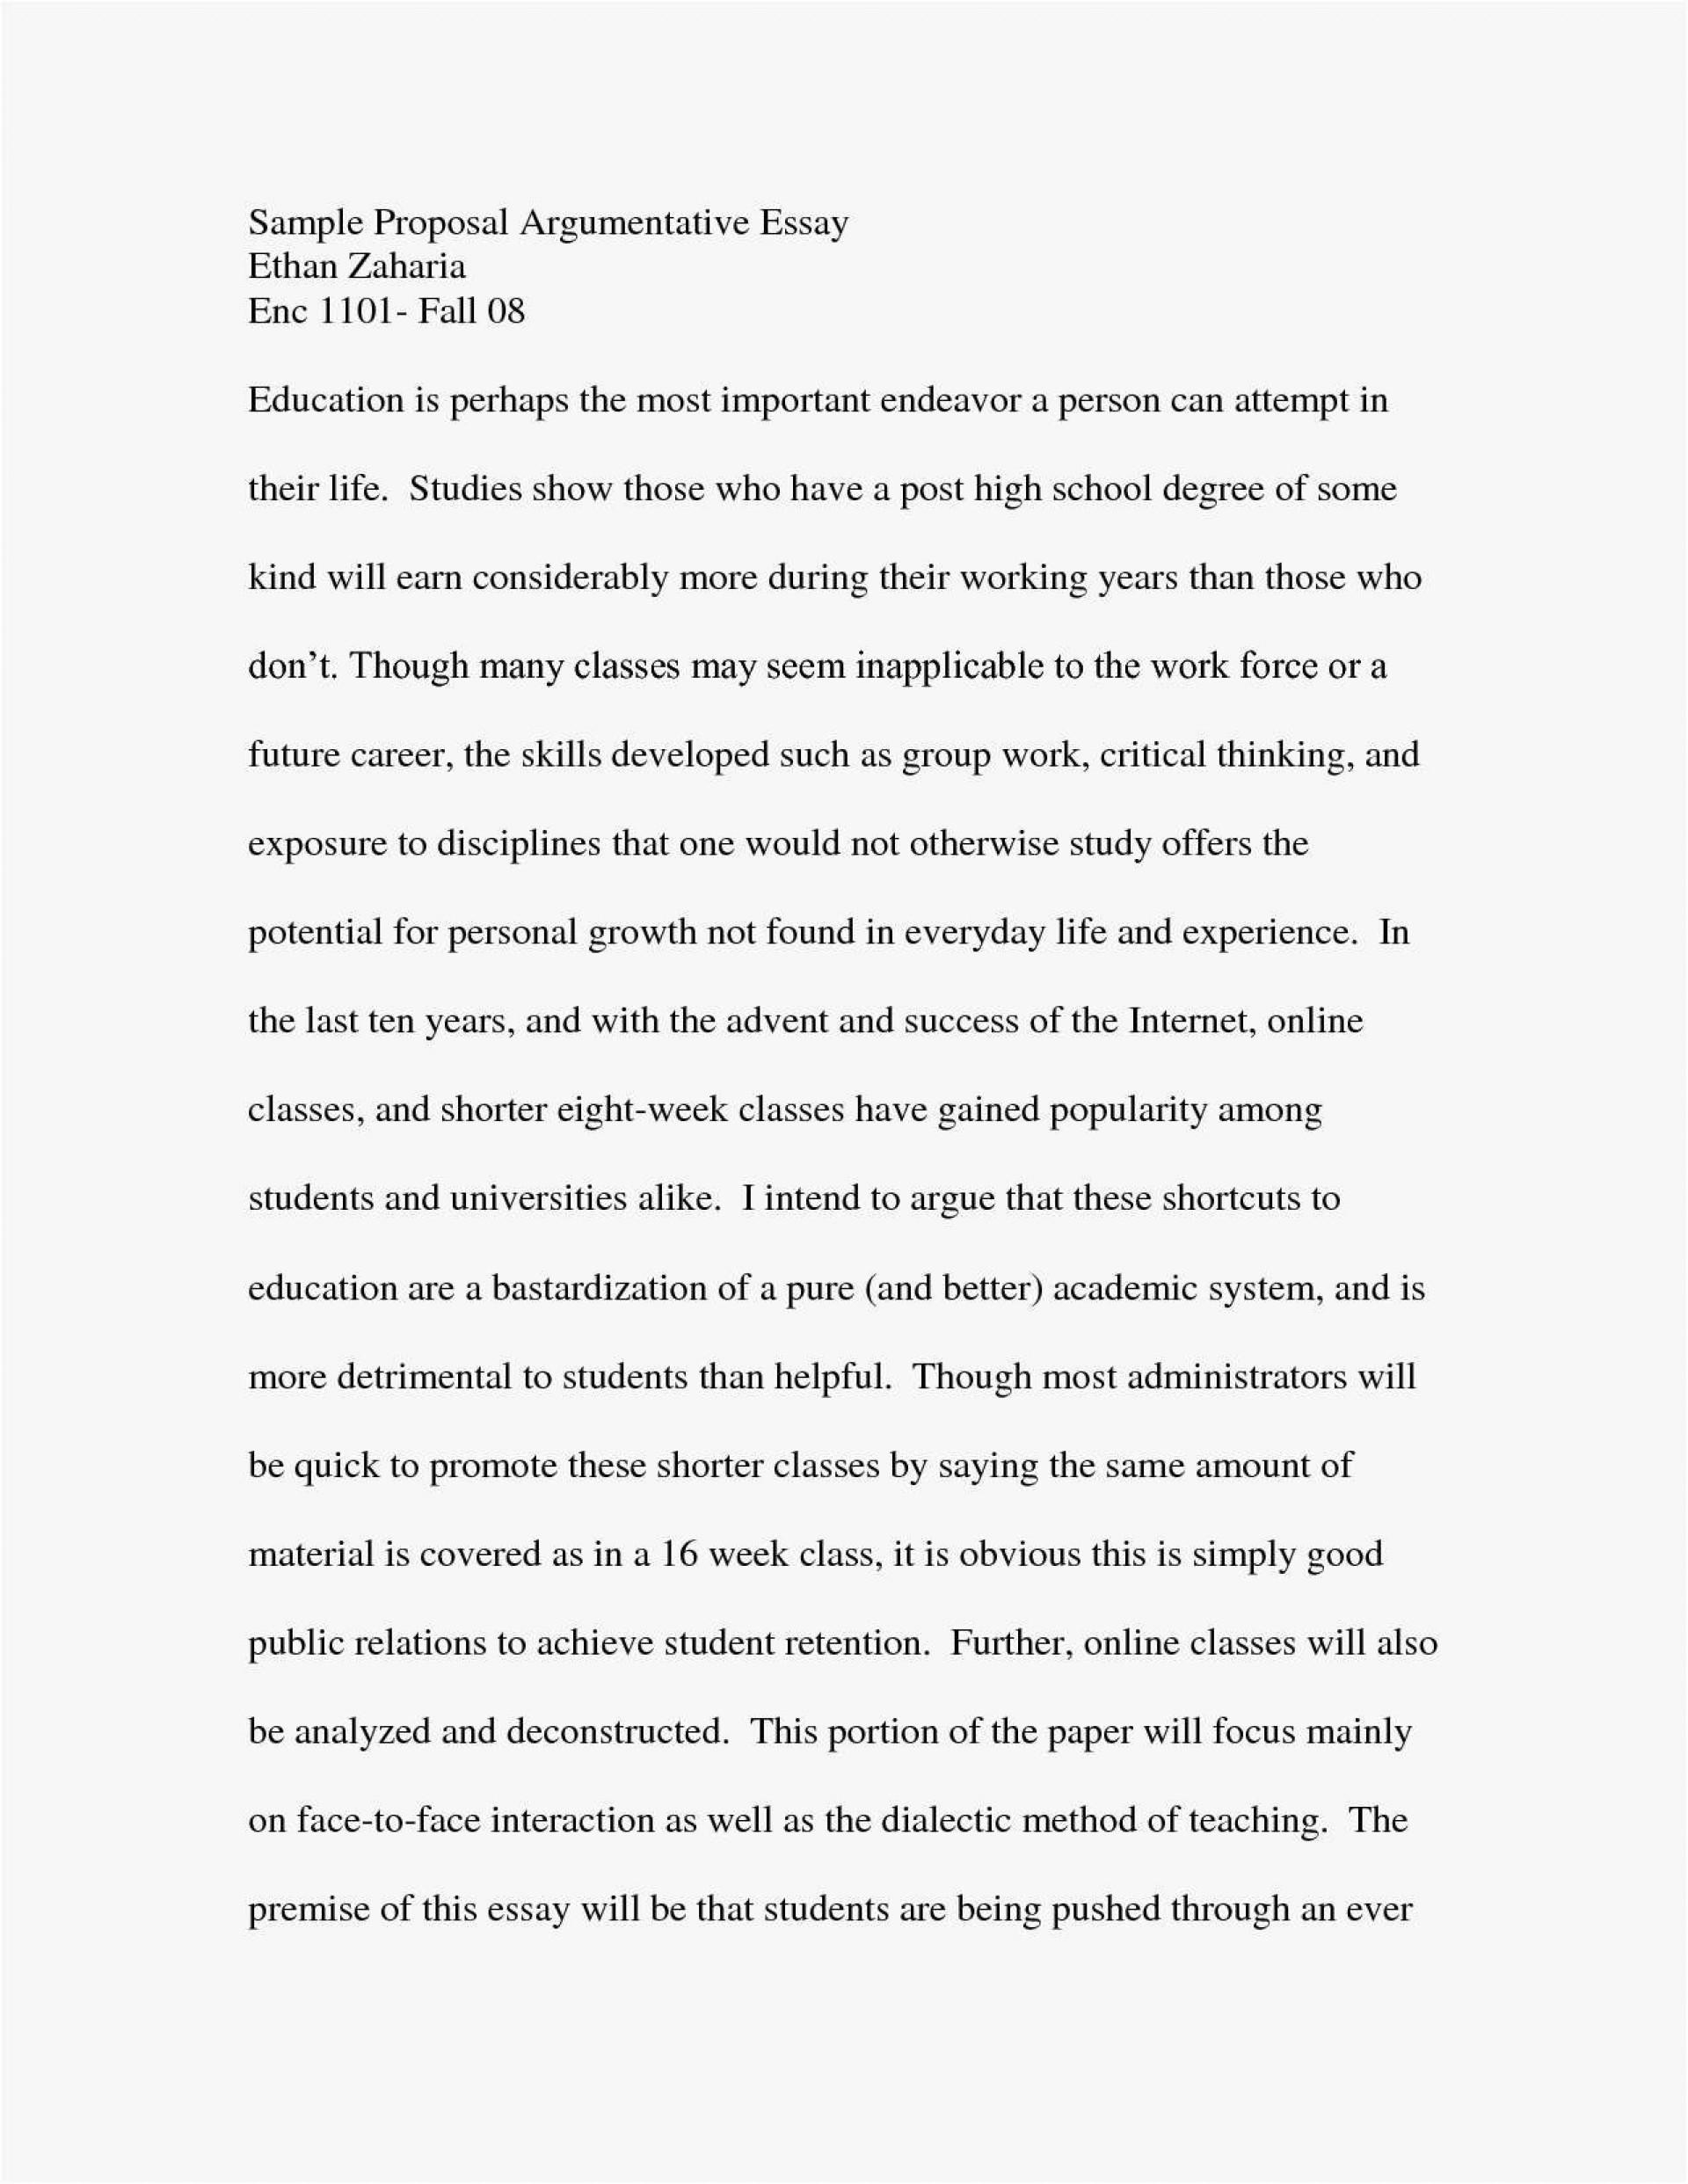 007 Racism Argumentative Essay Unique Proposal Arguments Model Essays About Of On Unbelievable In Schools Best 1920